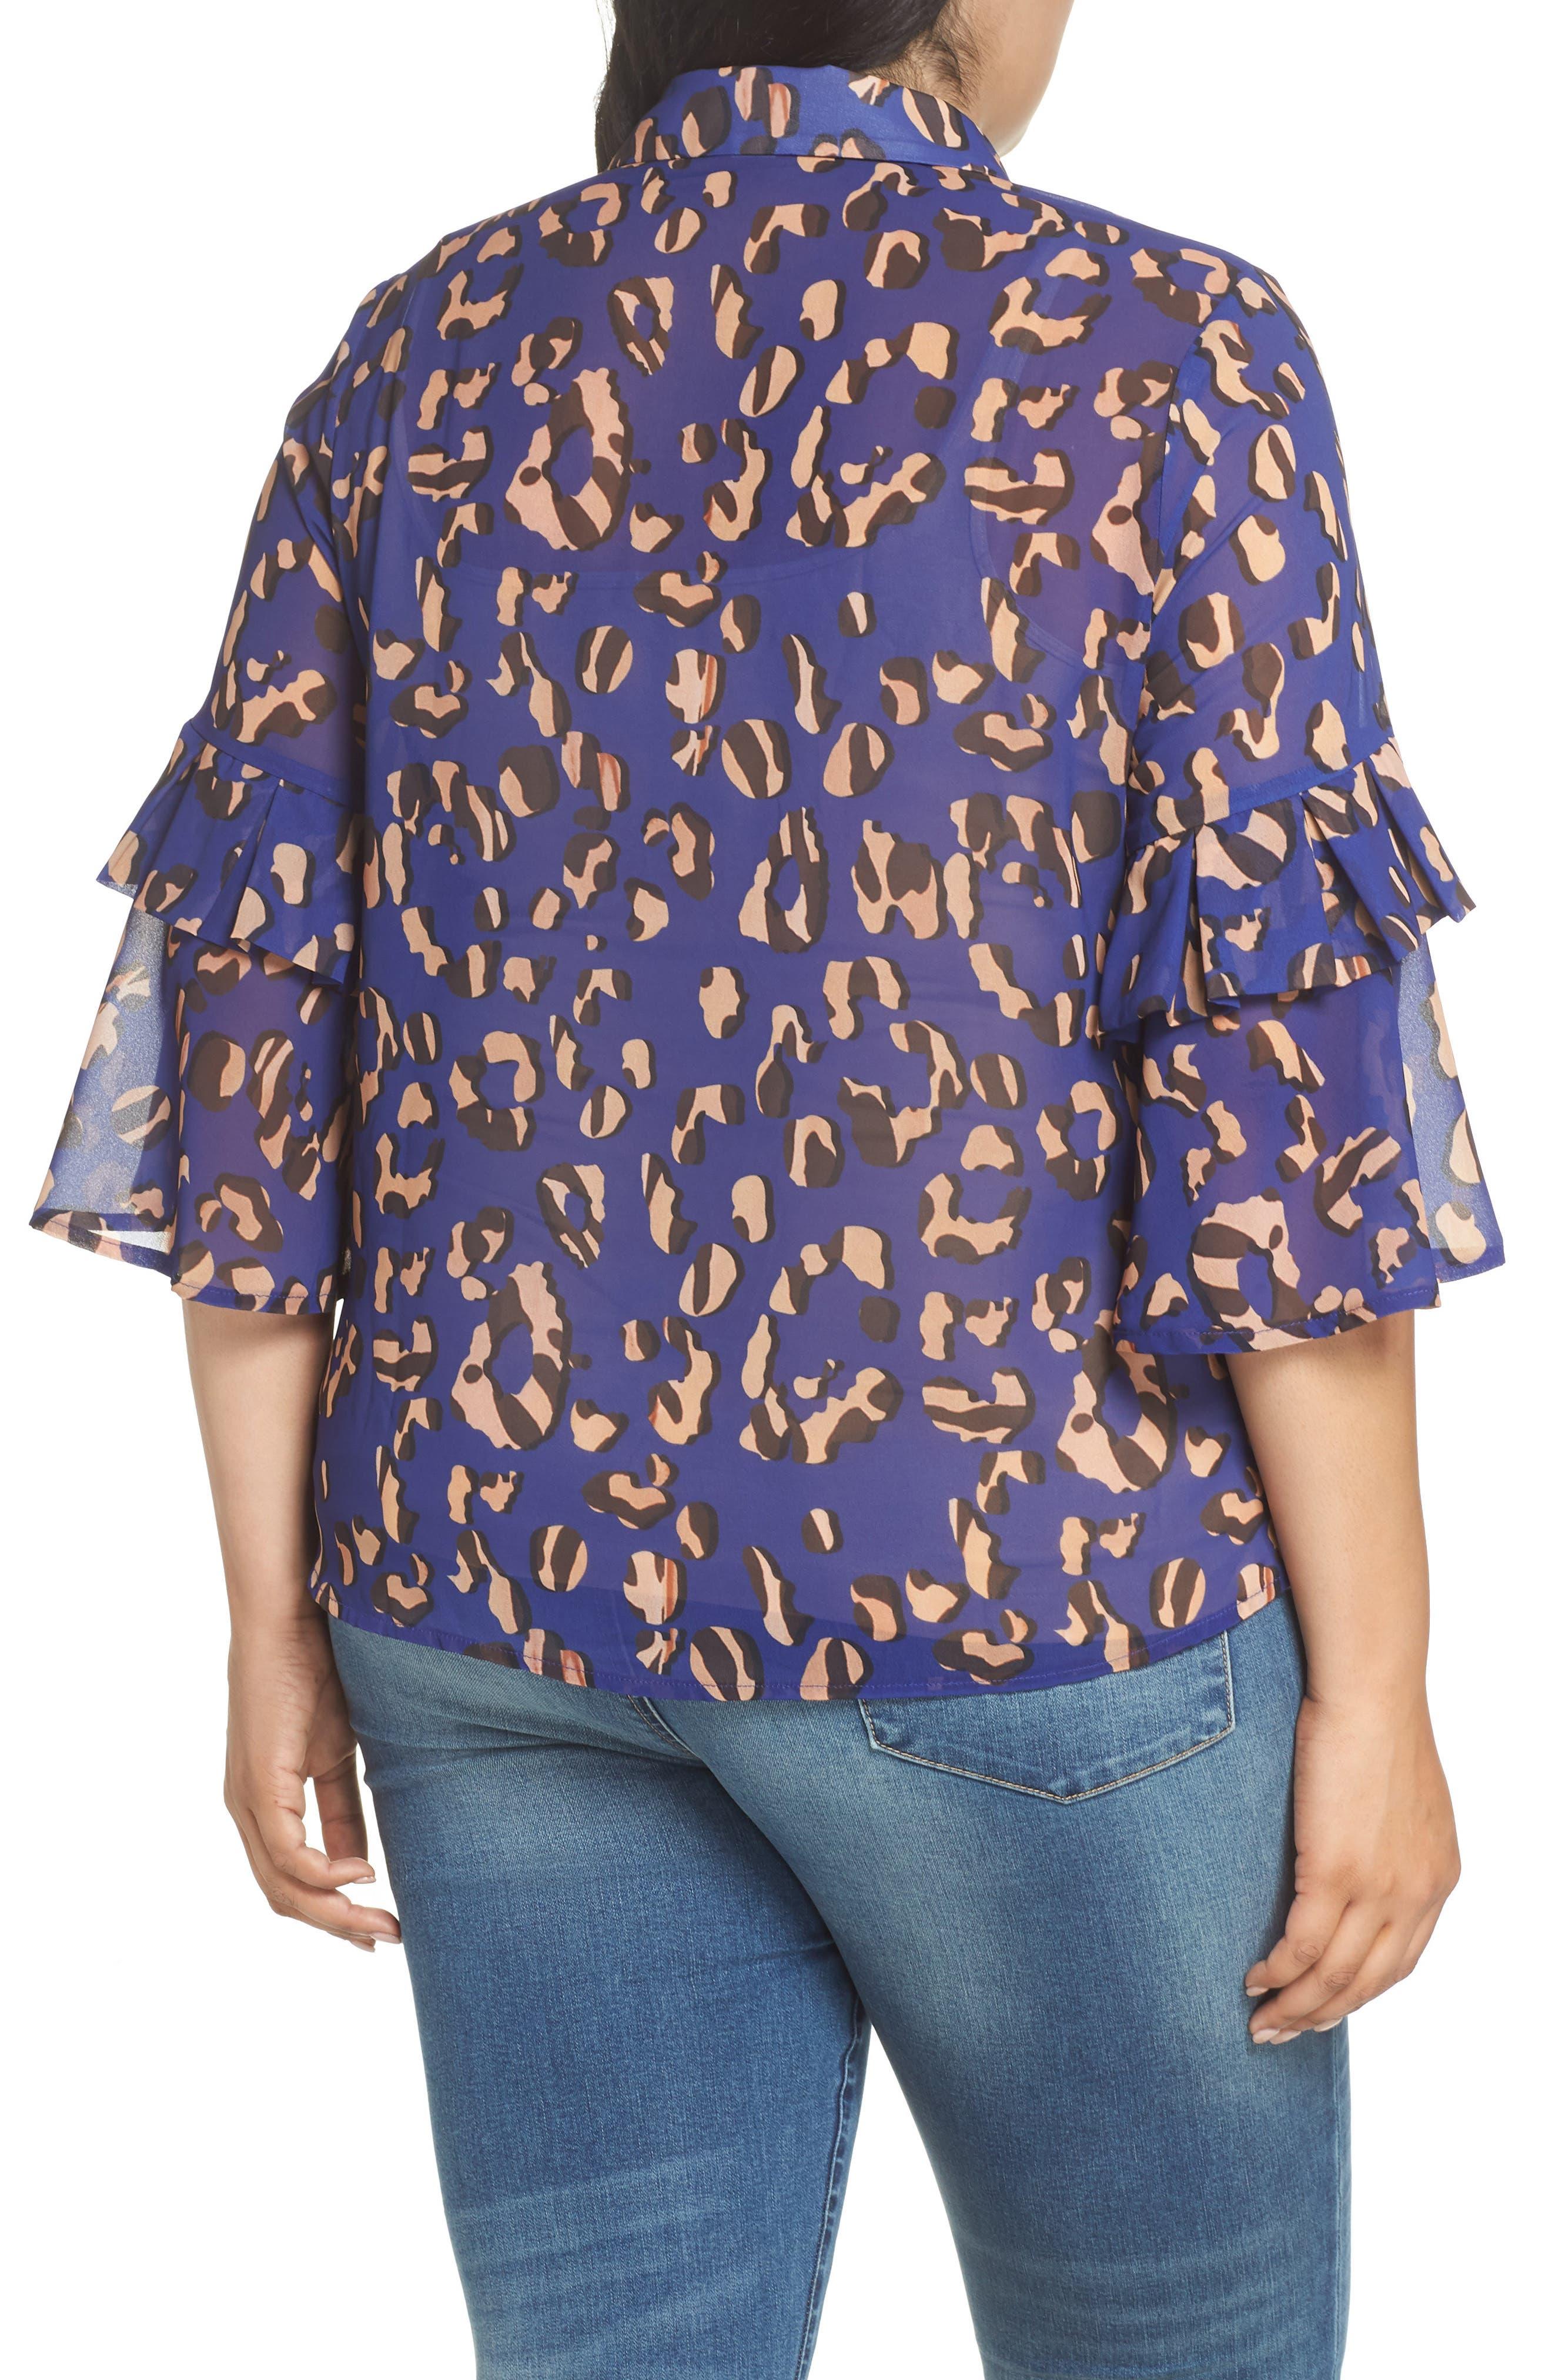 Leopard Print Button Down Shirt,                             Alternate thumbnail 2, color,                             001